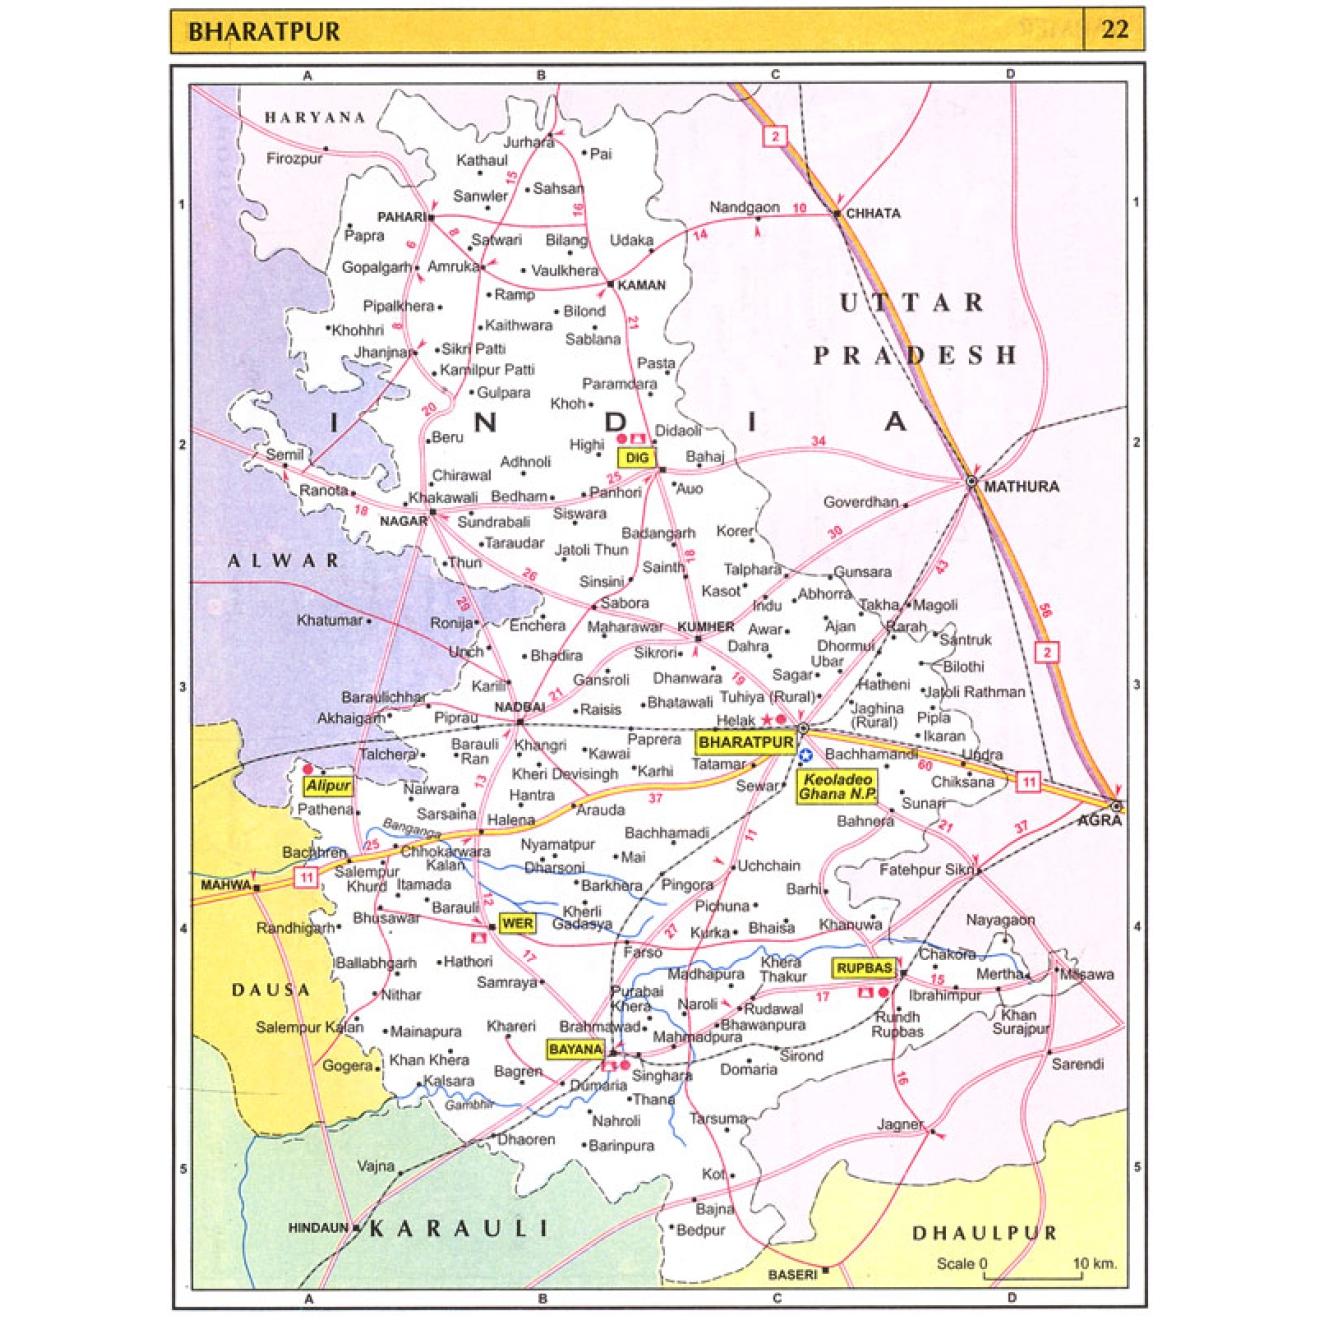 Rajasthan Tourist Road Atlas, Rajasthan routes, Rajasthan routen ...